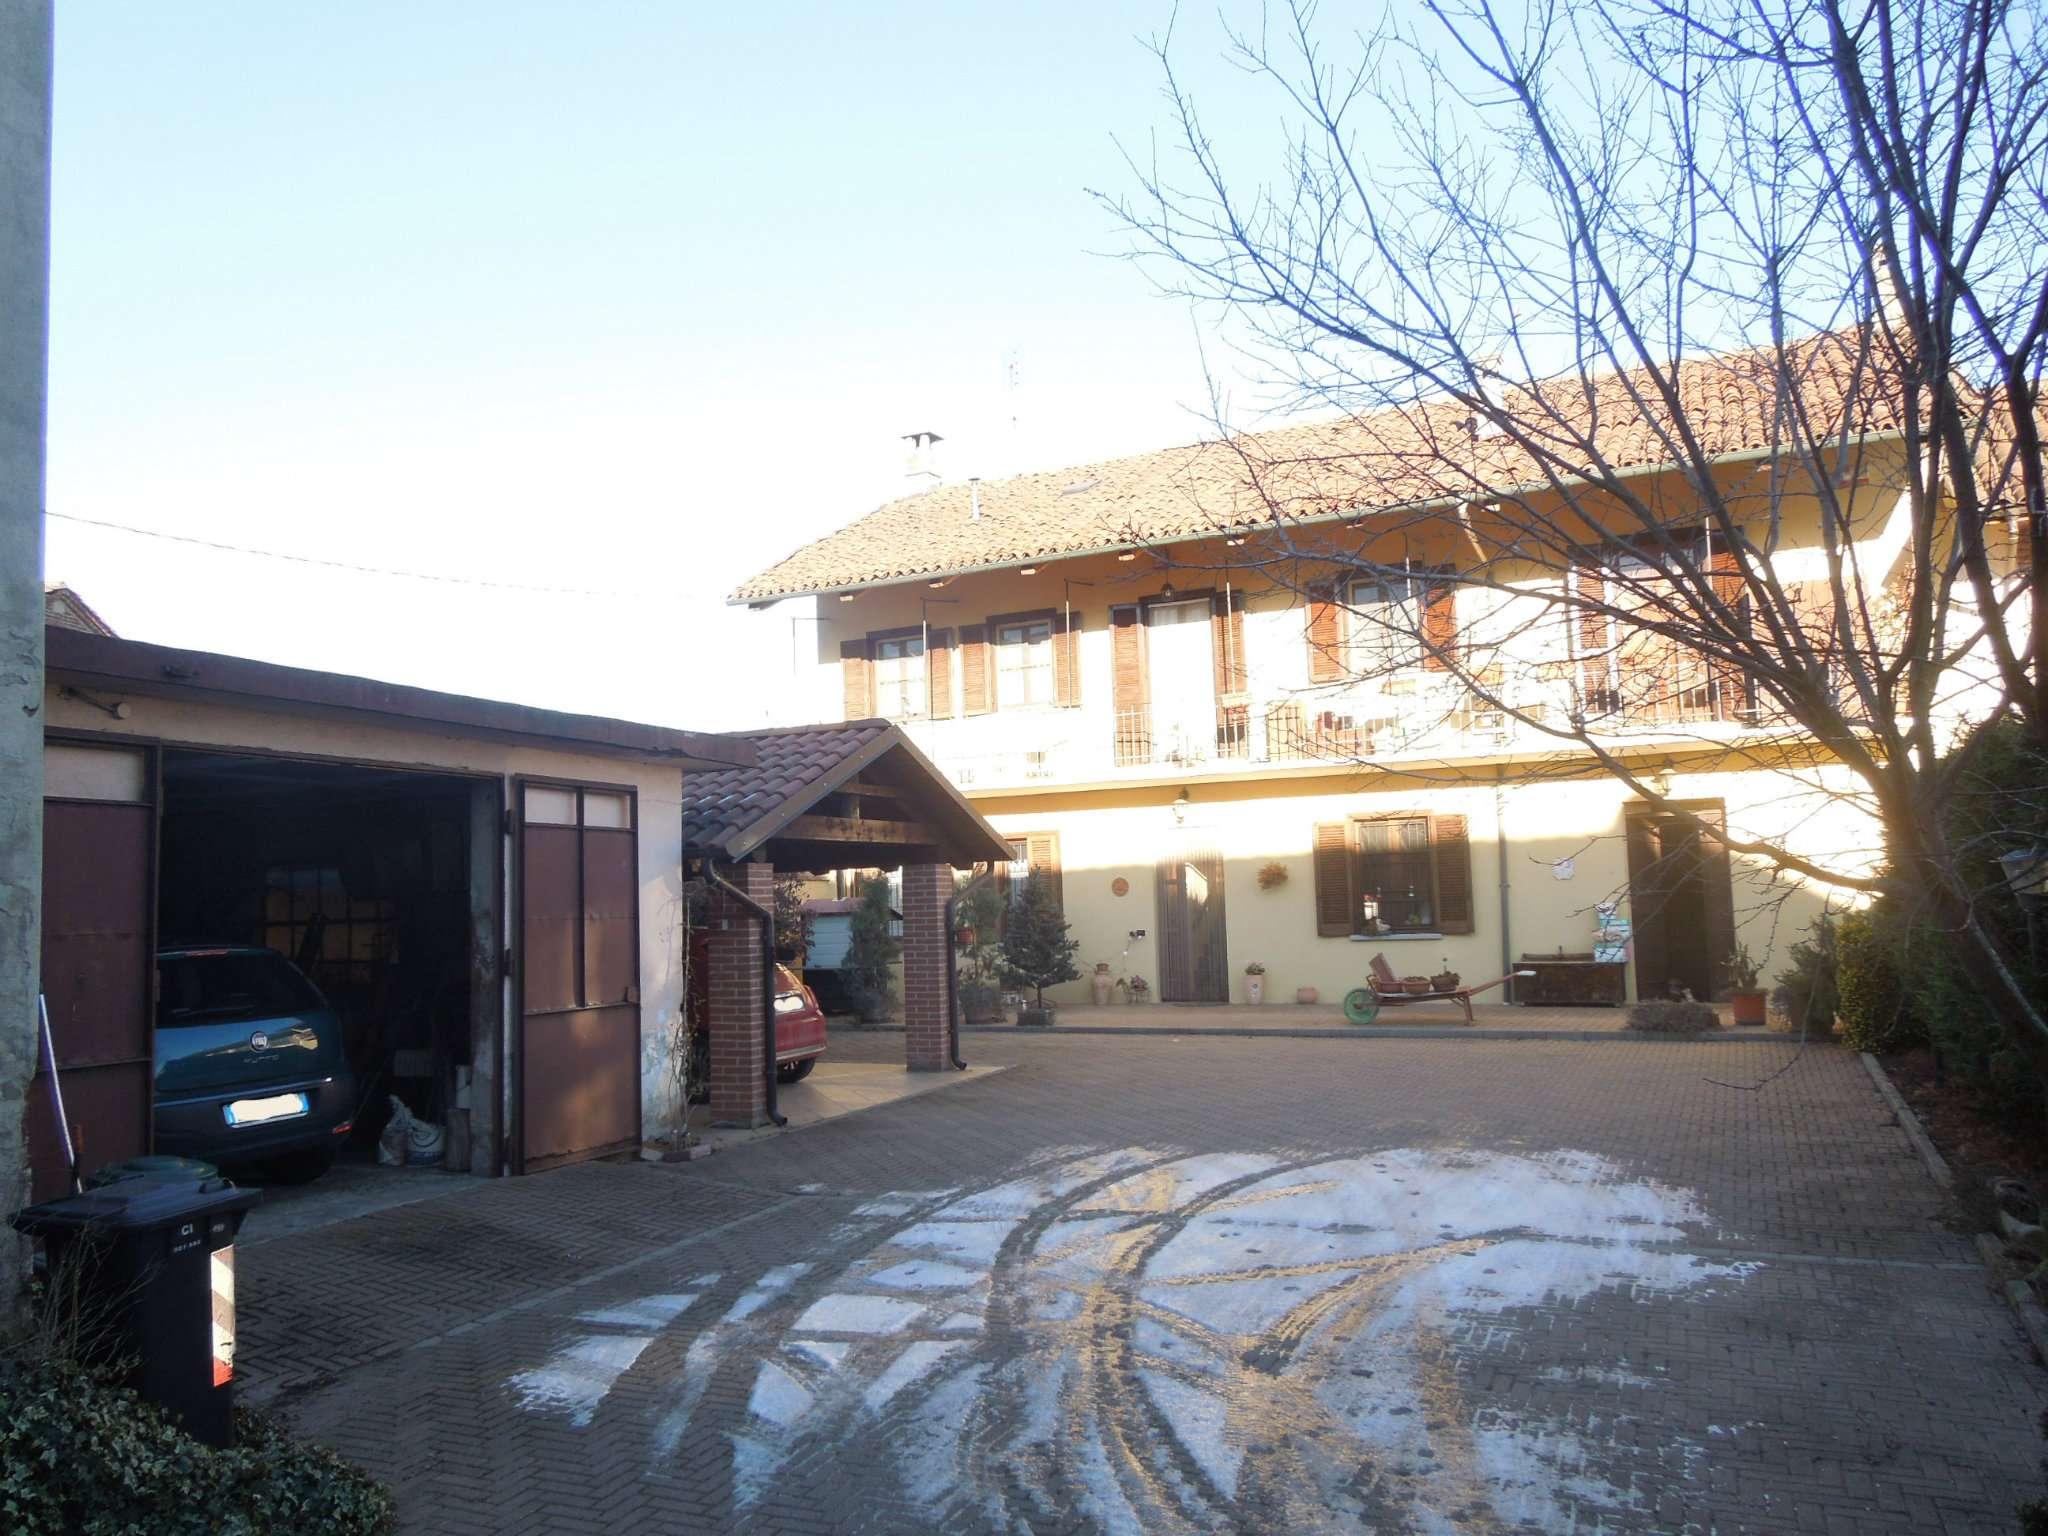 Soluzione Indipendente in vendita a Carignano, 5 locali, prezzo € 219.000 | PortaleAgenzieImmobiliari.it